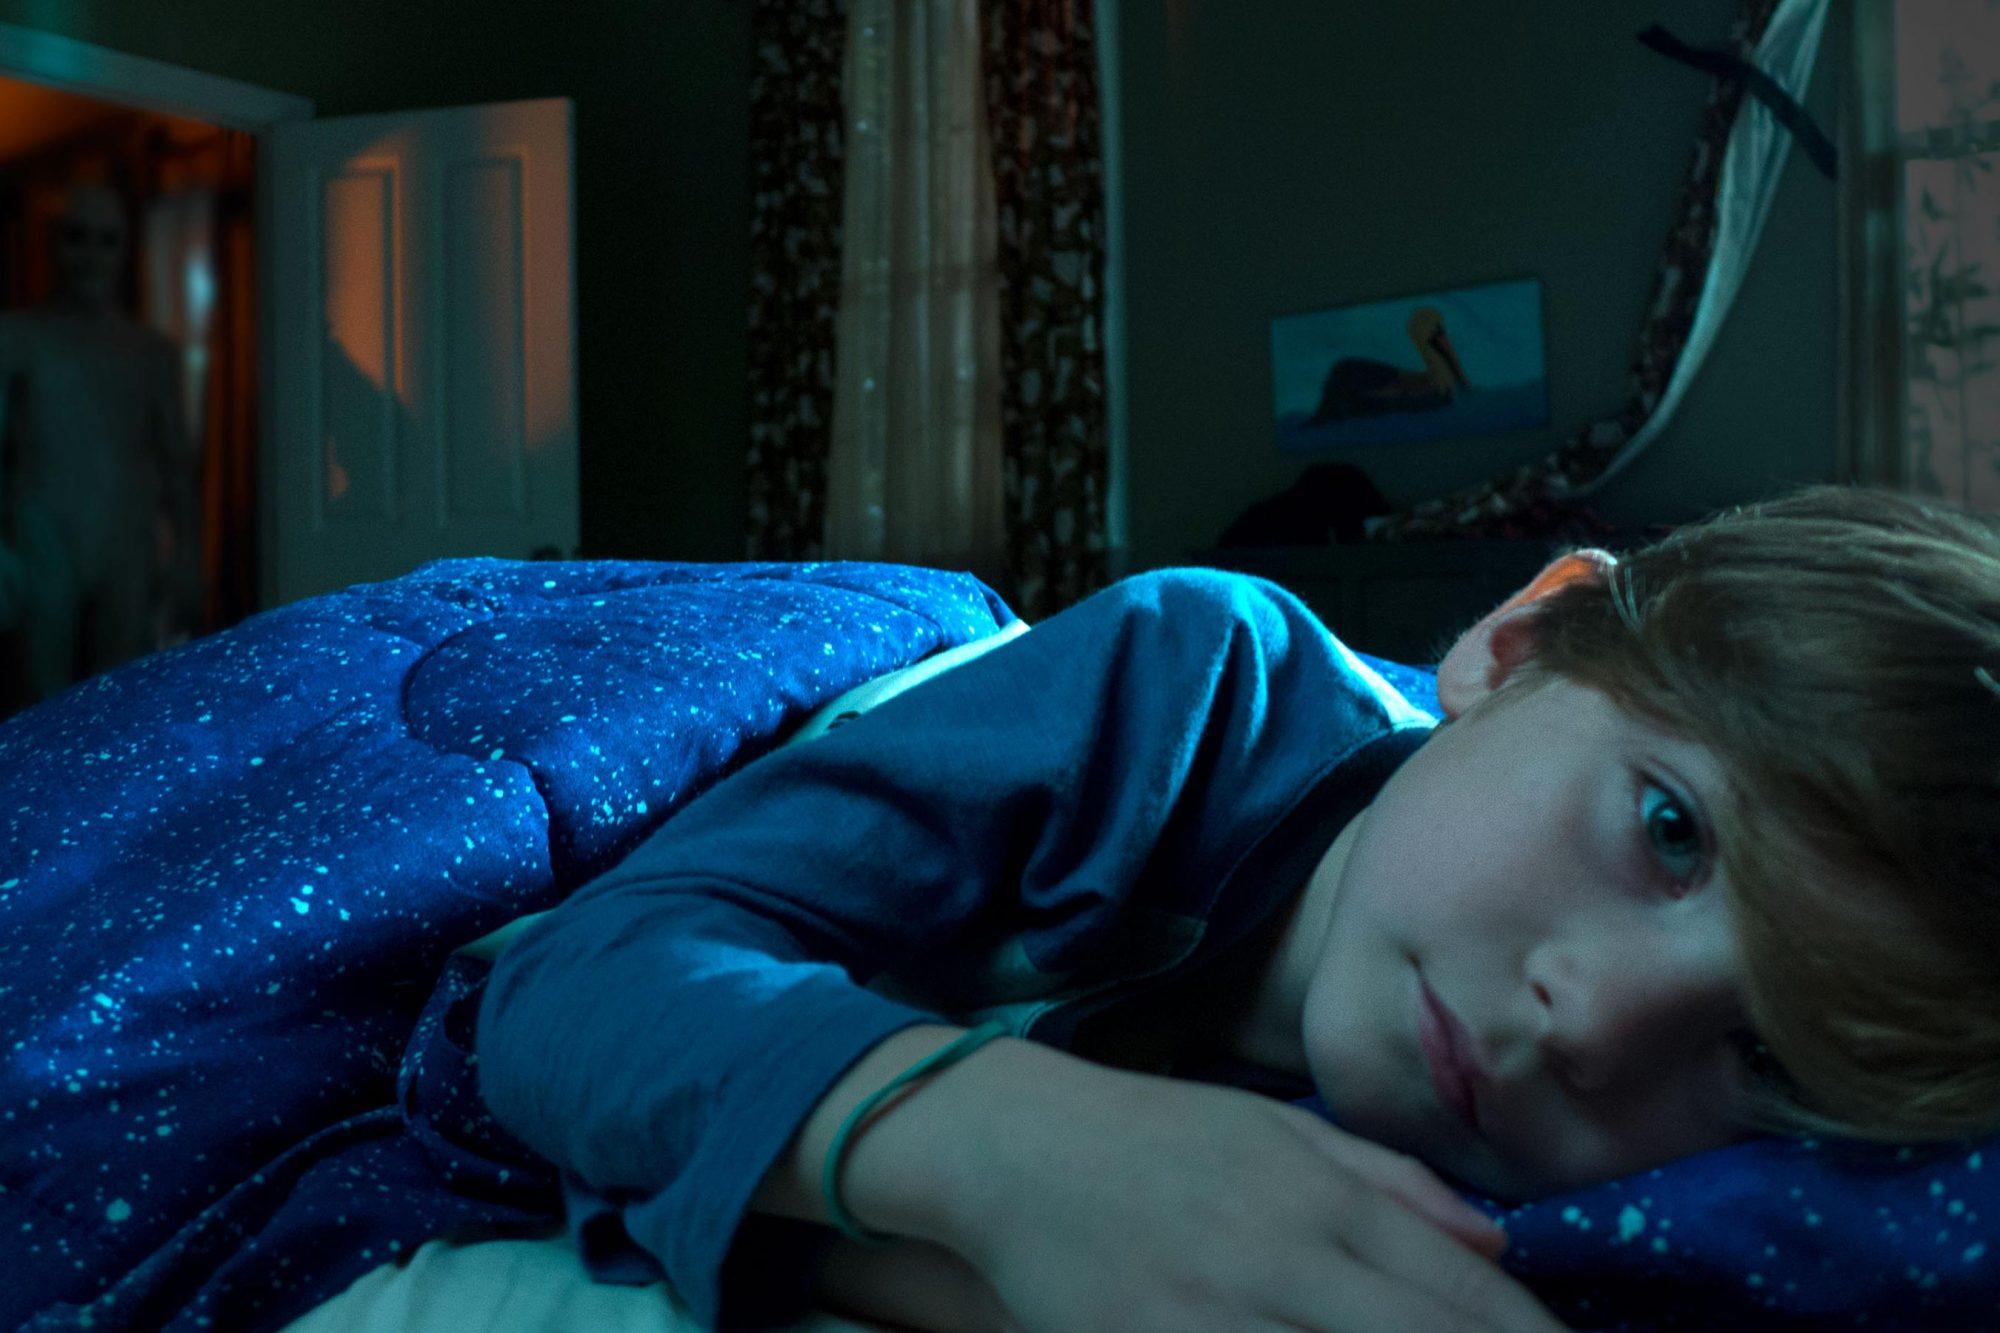 Film Title: Before I Wake